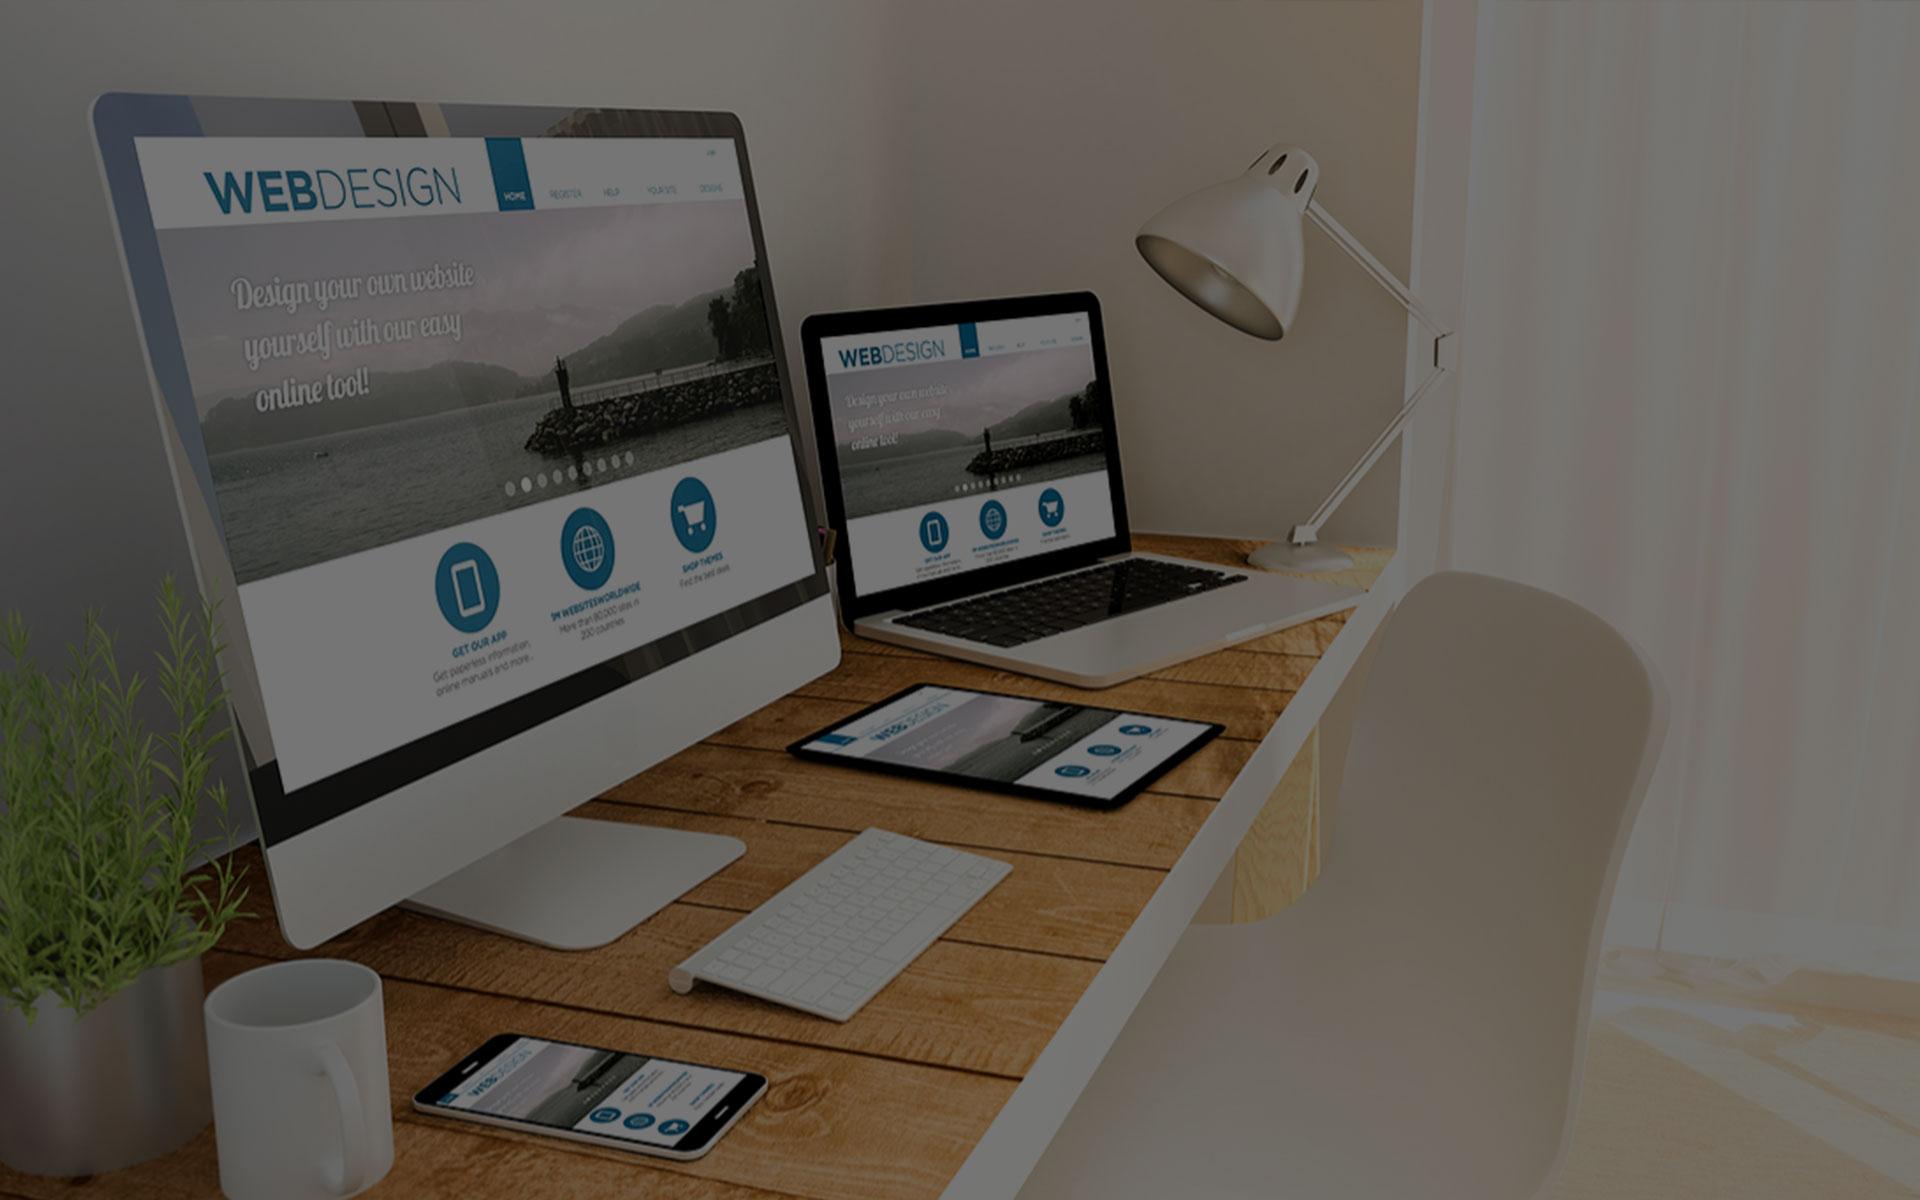 کسب و کار جدید با فروشگاه آنلاین